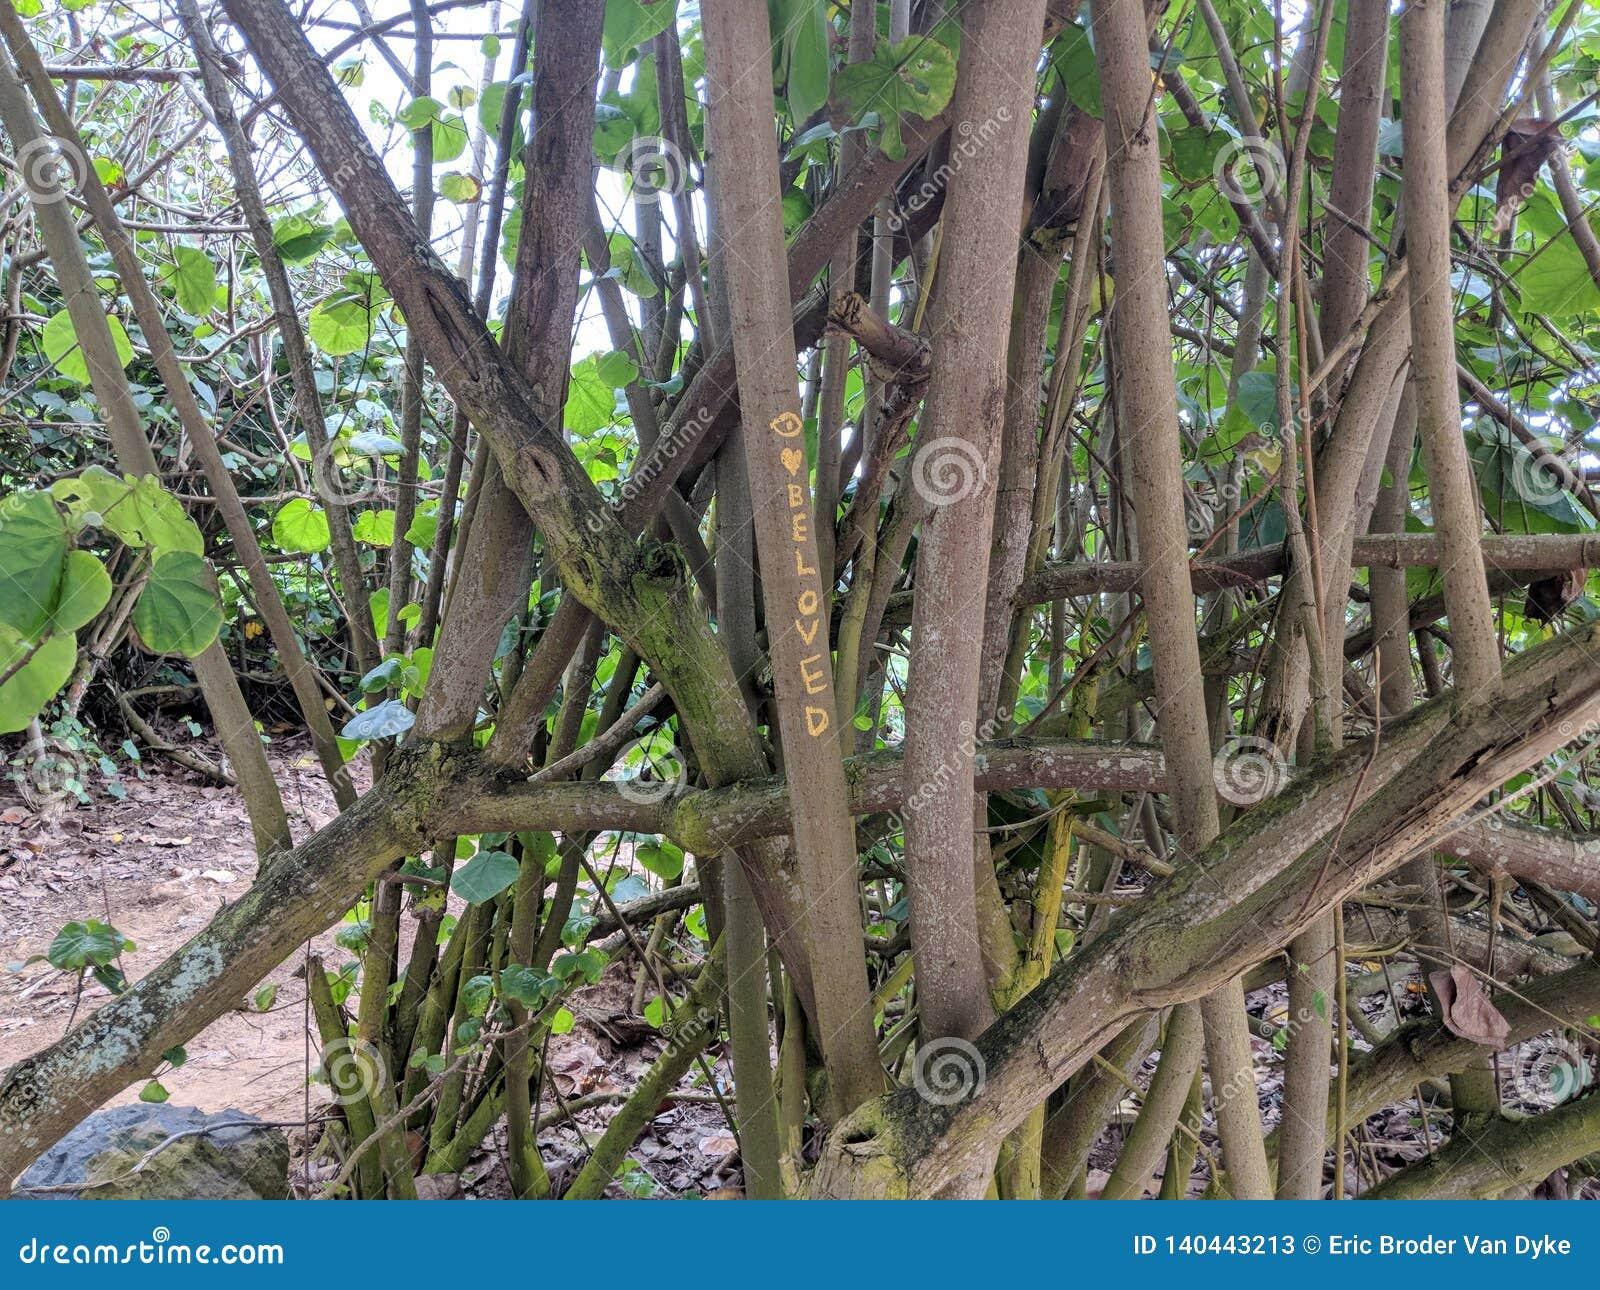 & x27;Beloved & x27; written on tree in woods